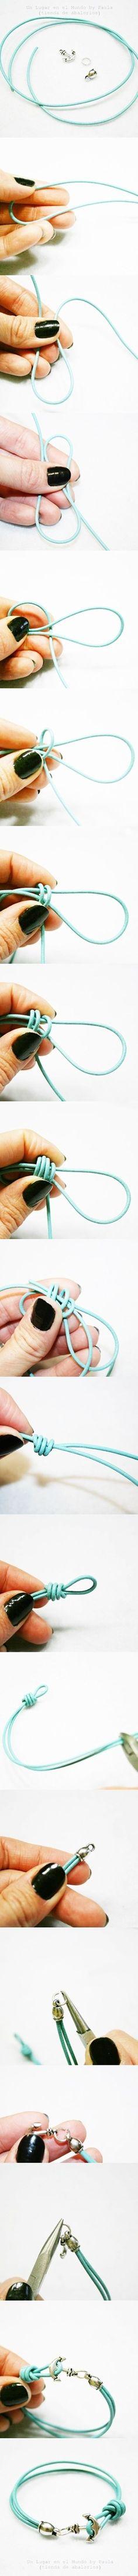 Bracelet | Raddest Men's Fashion Looks On The Internet: http://www.raddestlooks.net